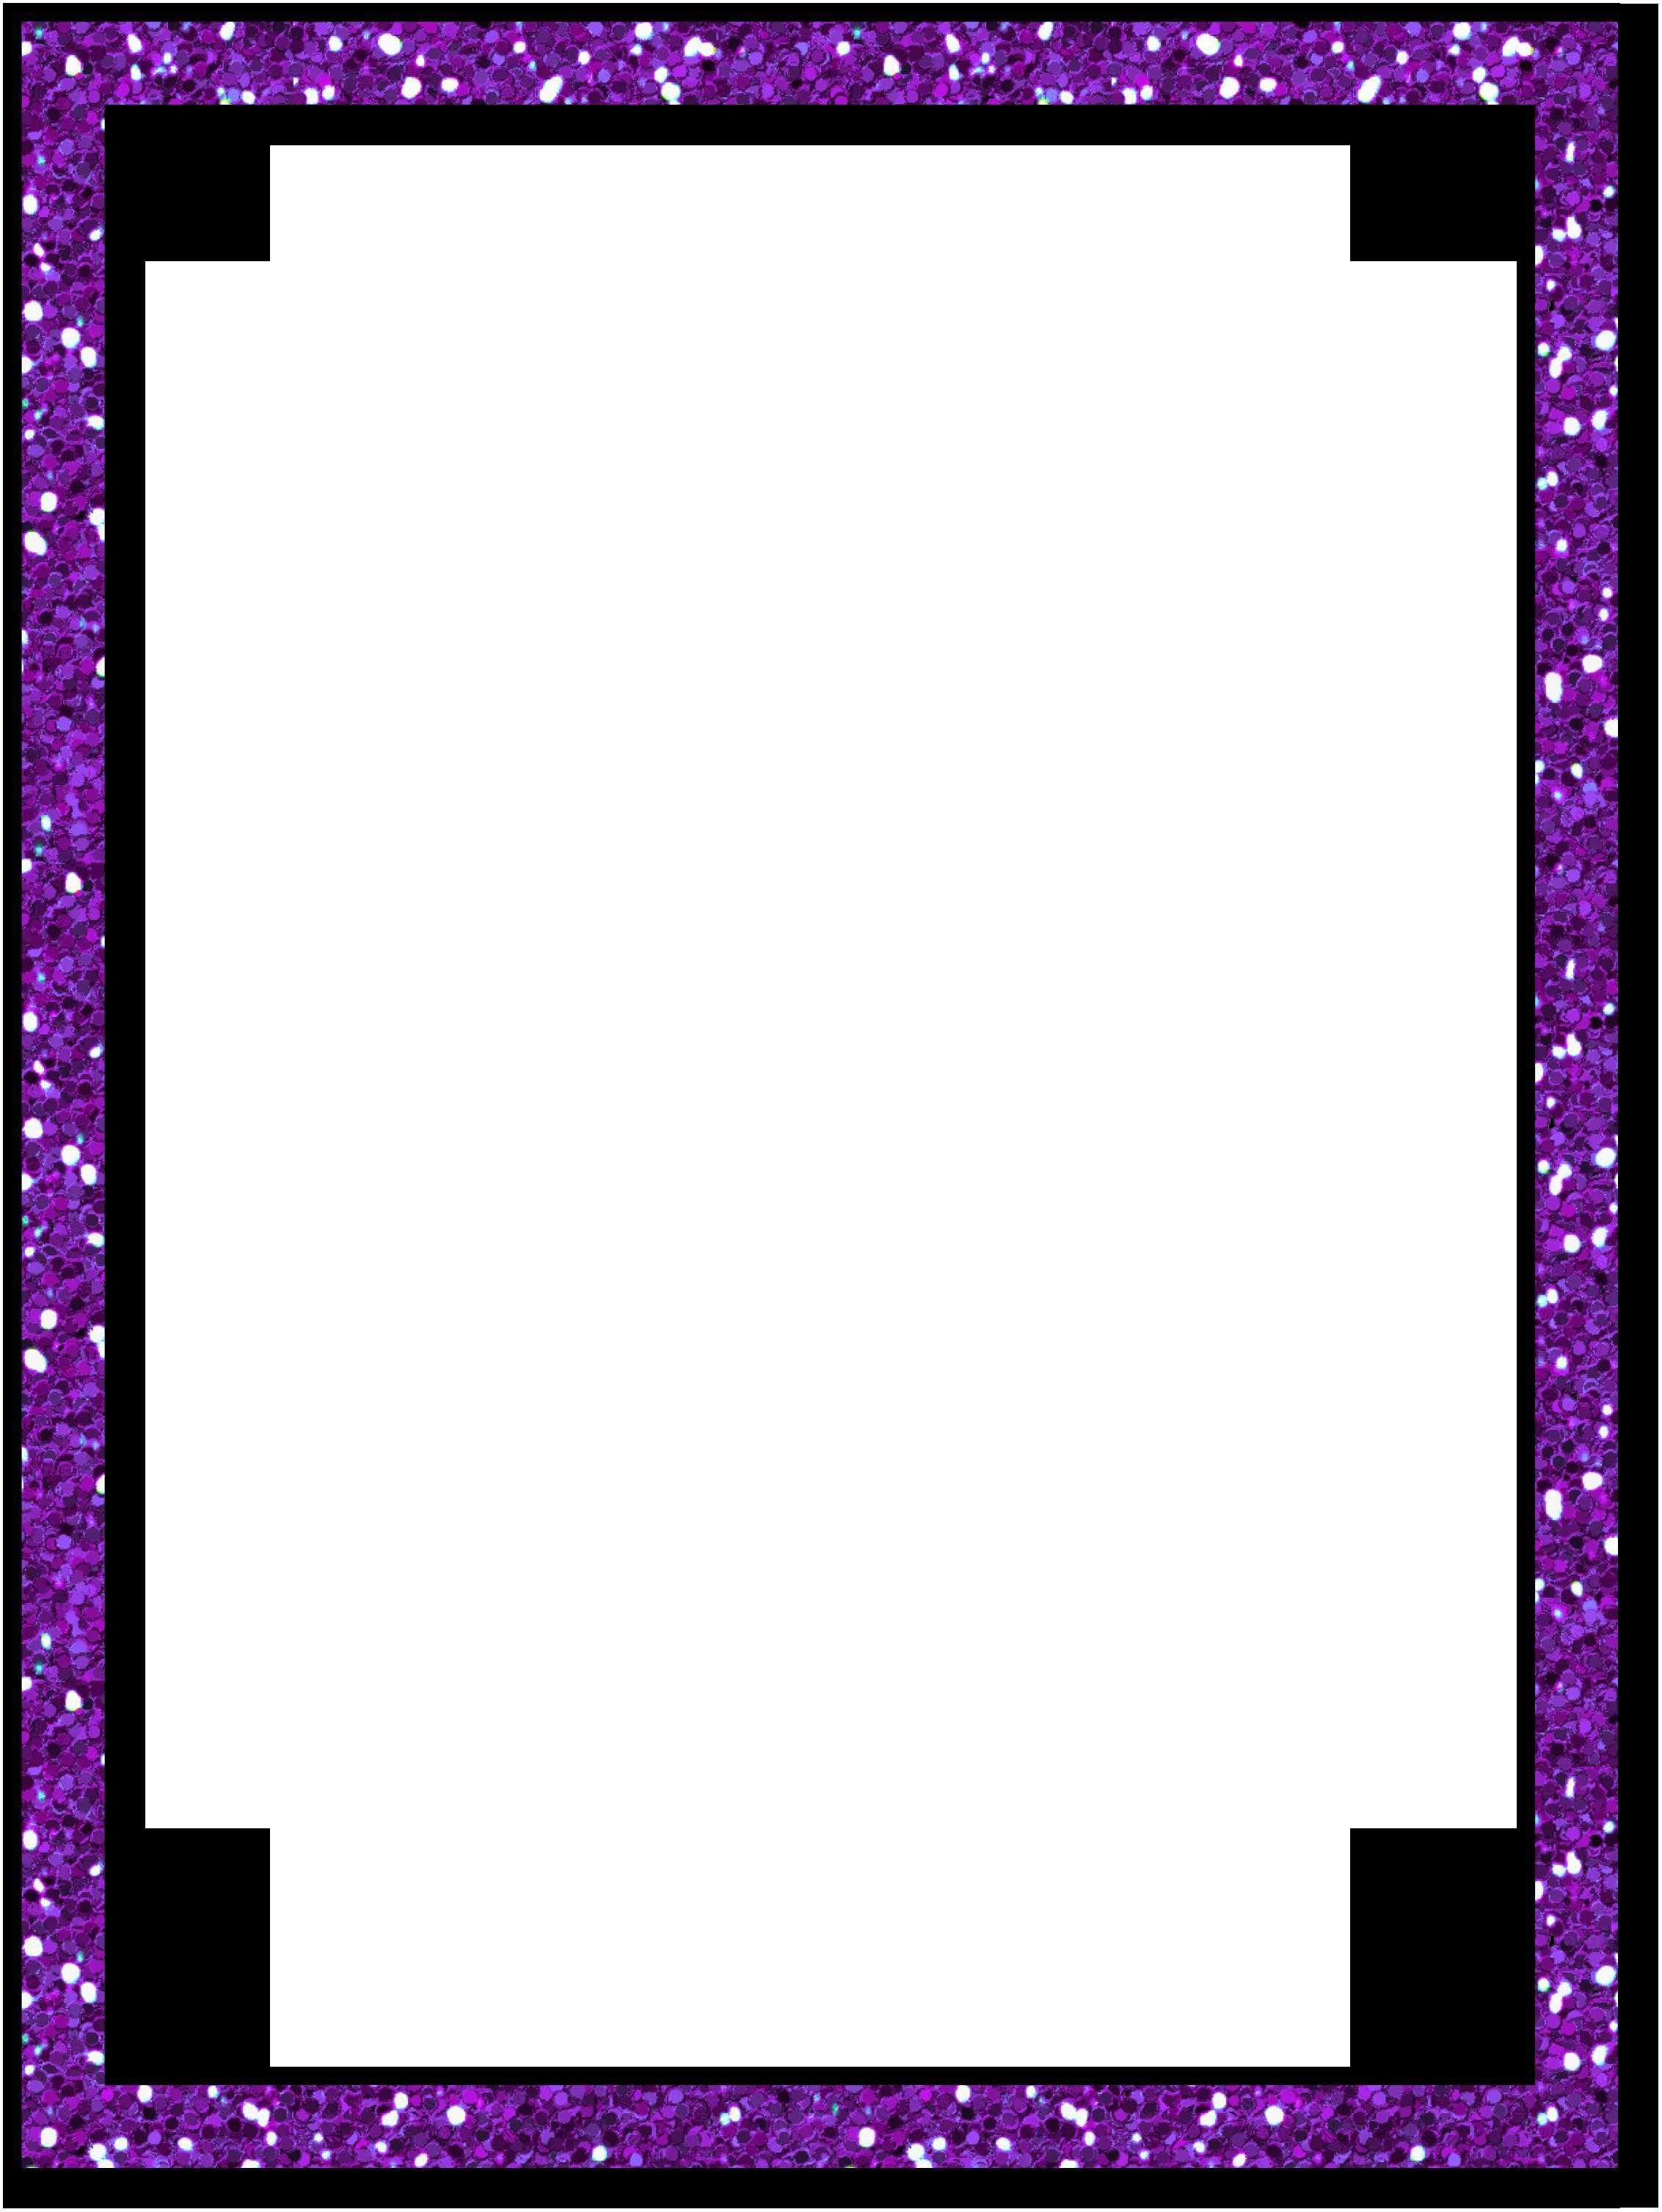 44+ Purple frame ideas in 2021